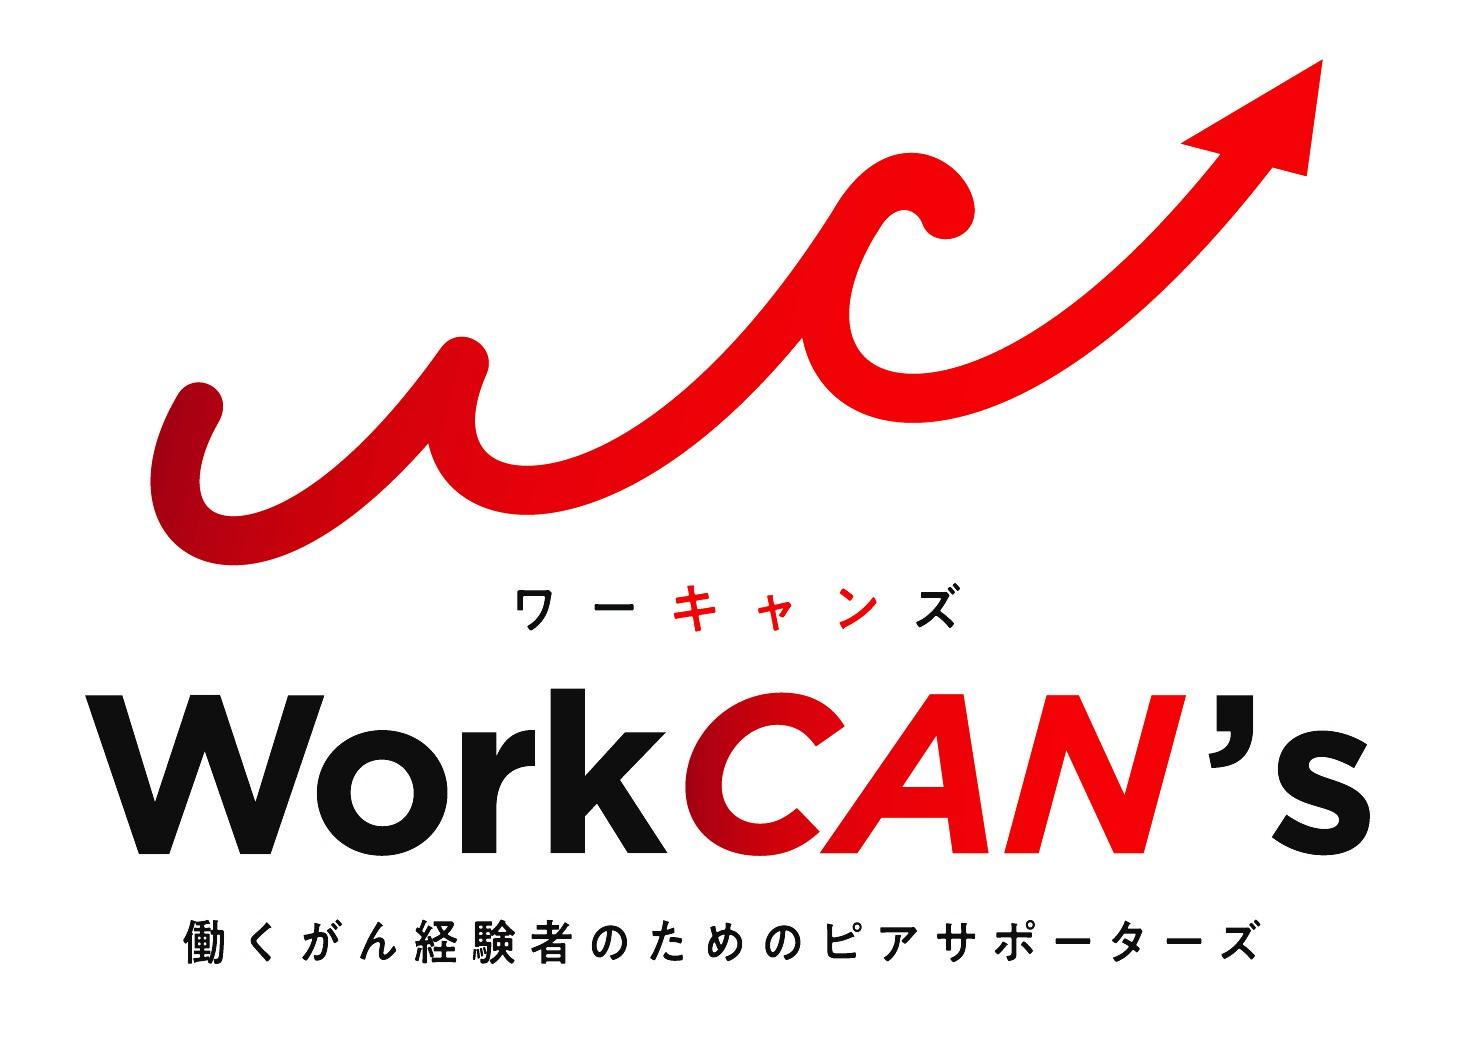 WorkCAN's(ワ―キャンズ)参加メンバーによる「生きている喜びを心から実感できるビール」づくり... 画像